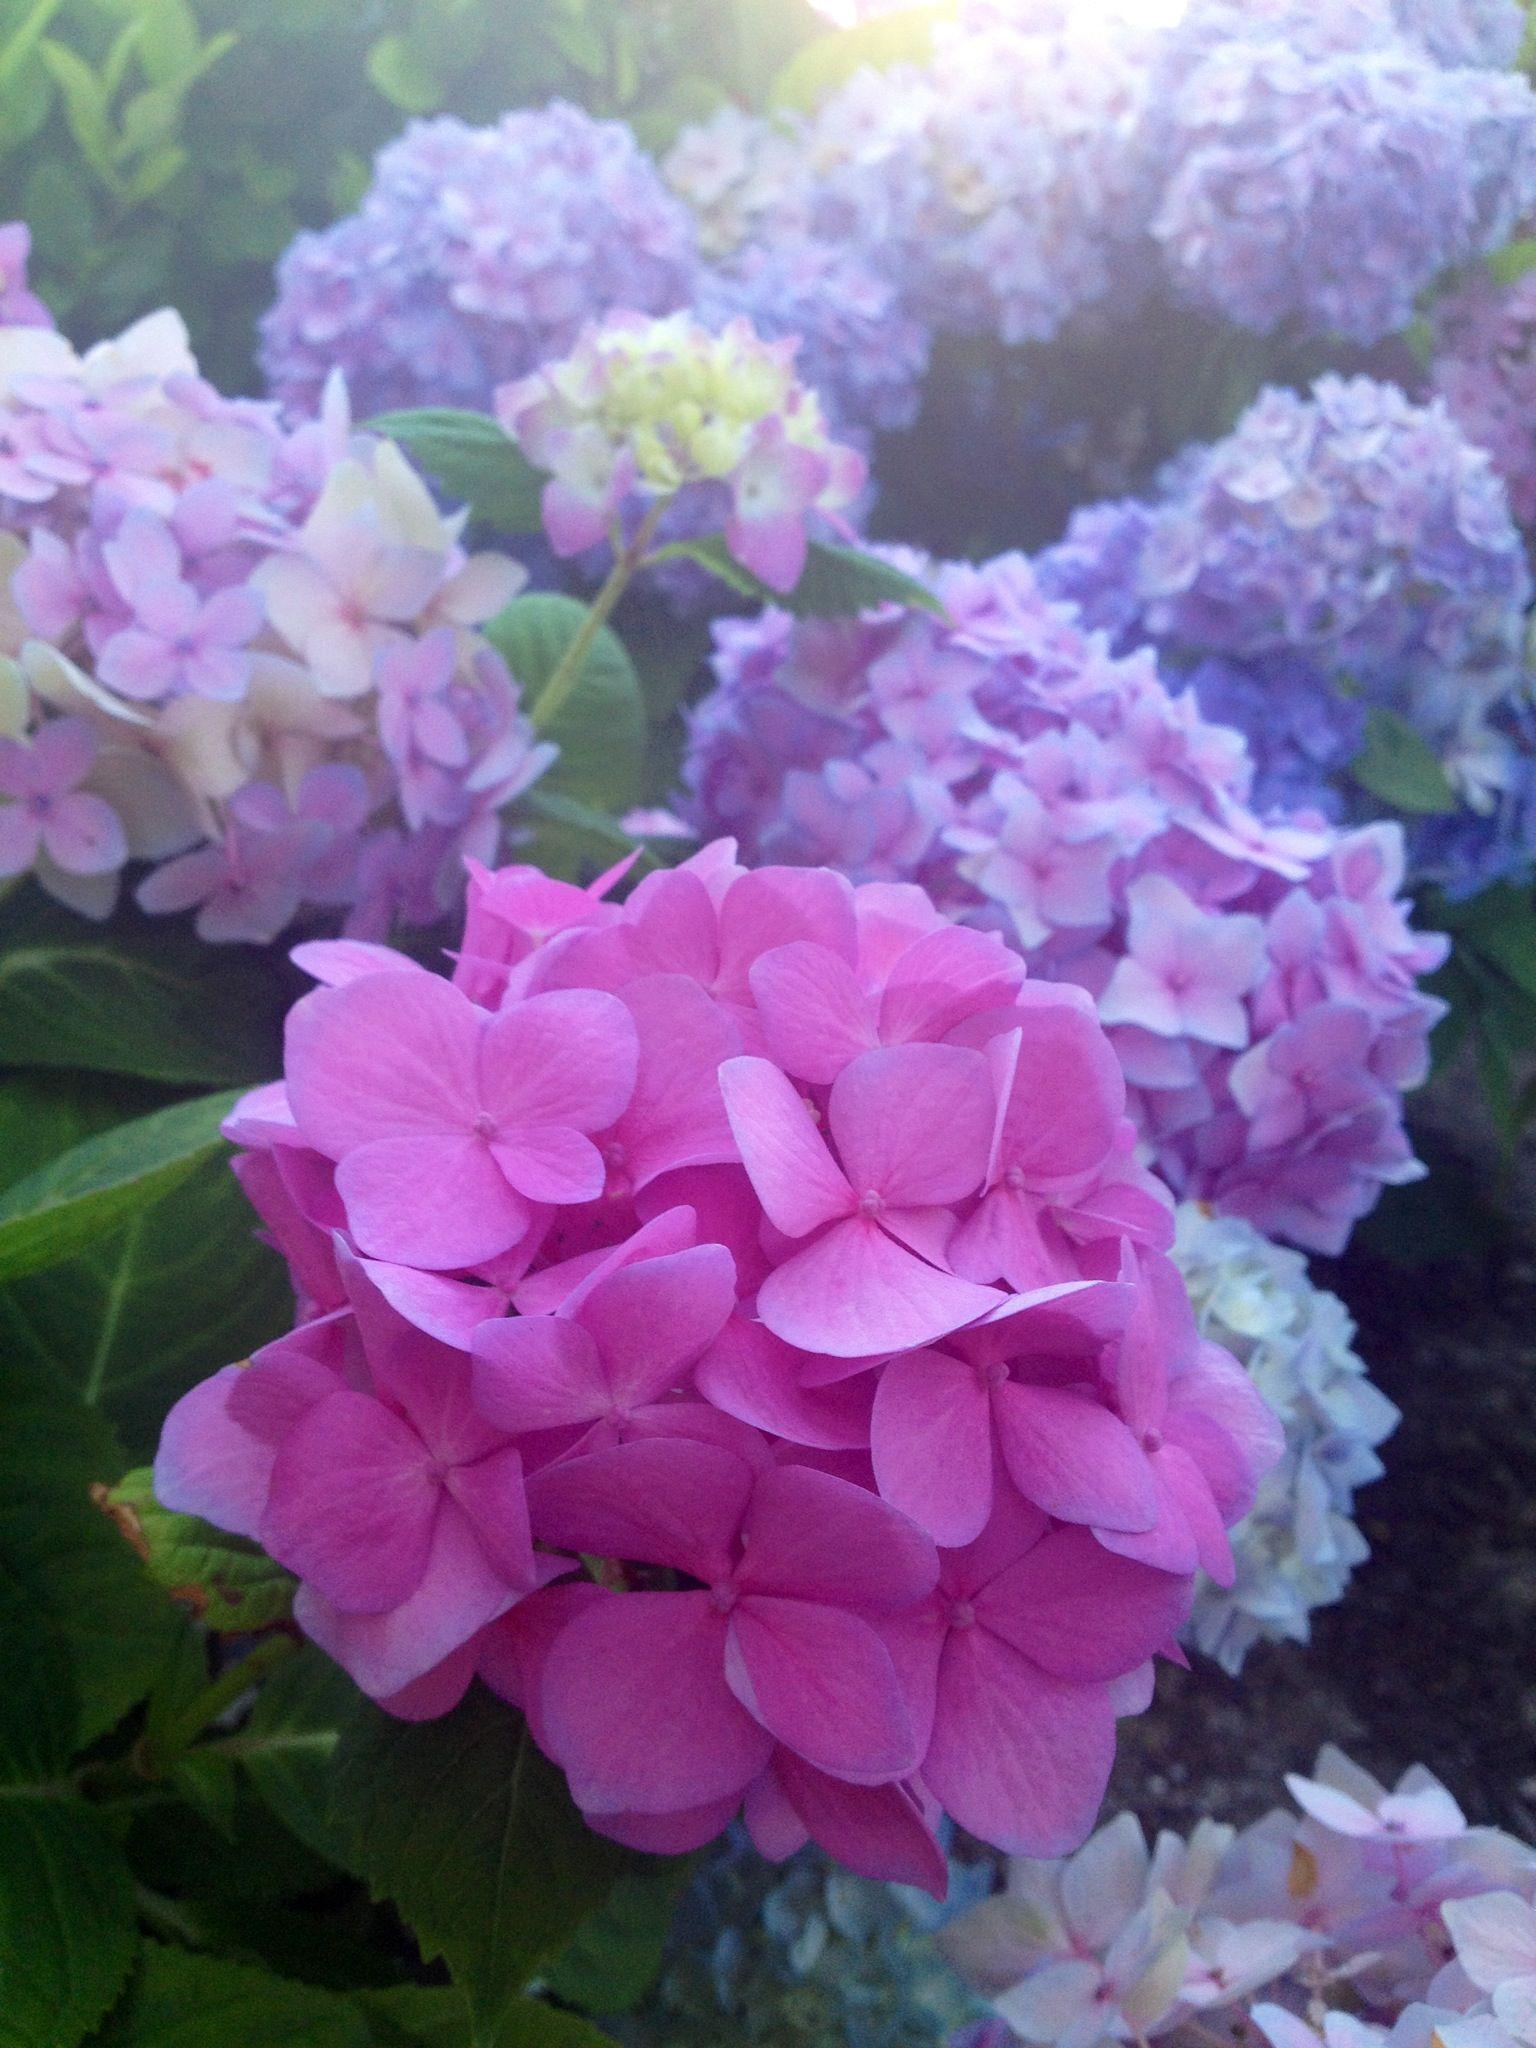 Hydrangeas Pretty Flowers Beautiful Hydrangeas Amazing Flowers